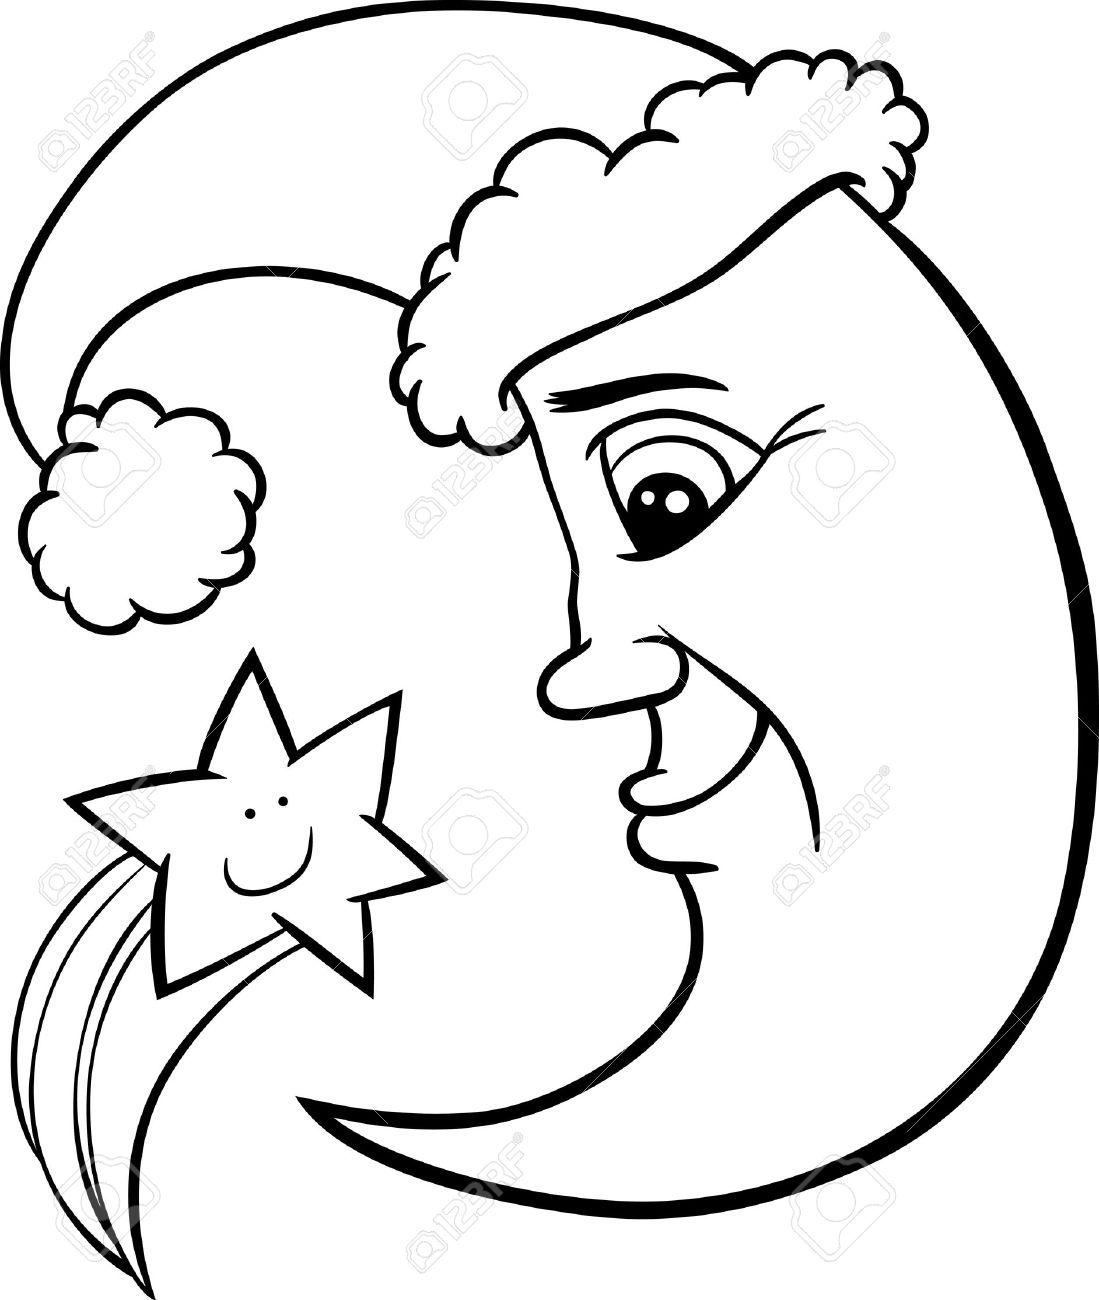 Schwarz-Weiß-Karikatur Illustration Von Funny Mond Als ...